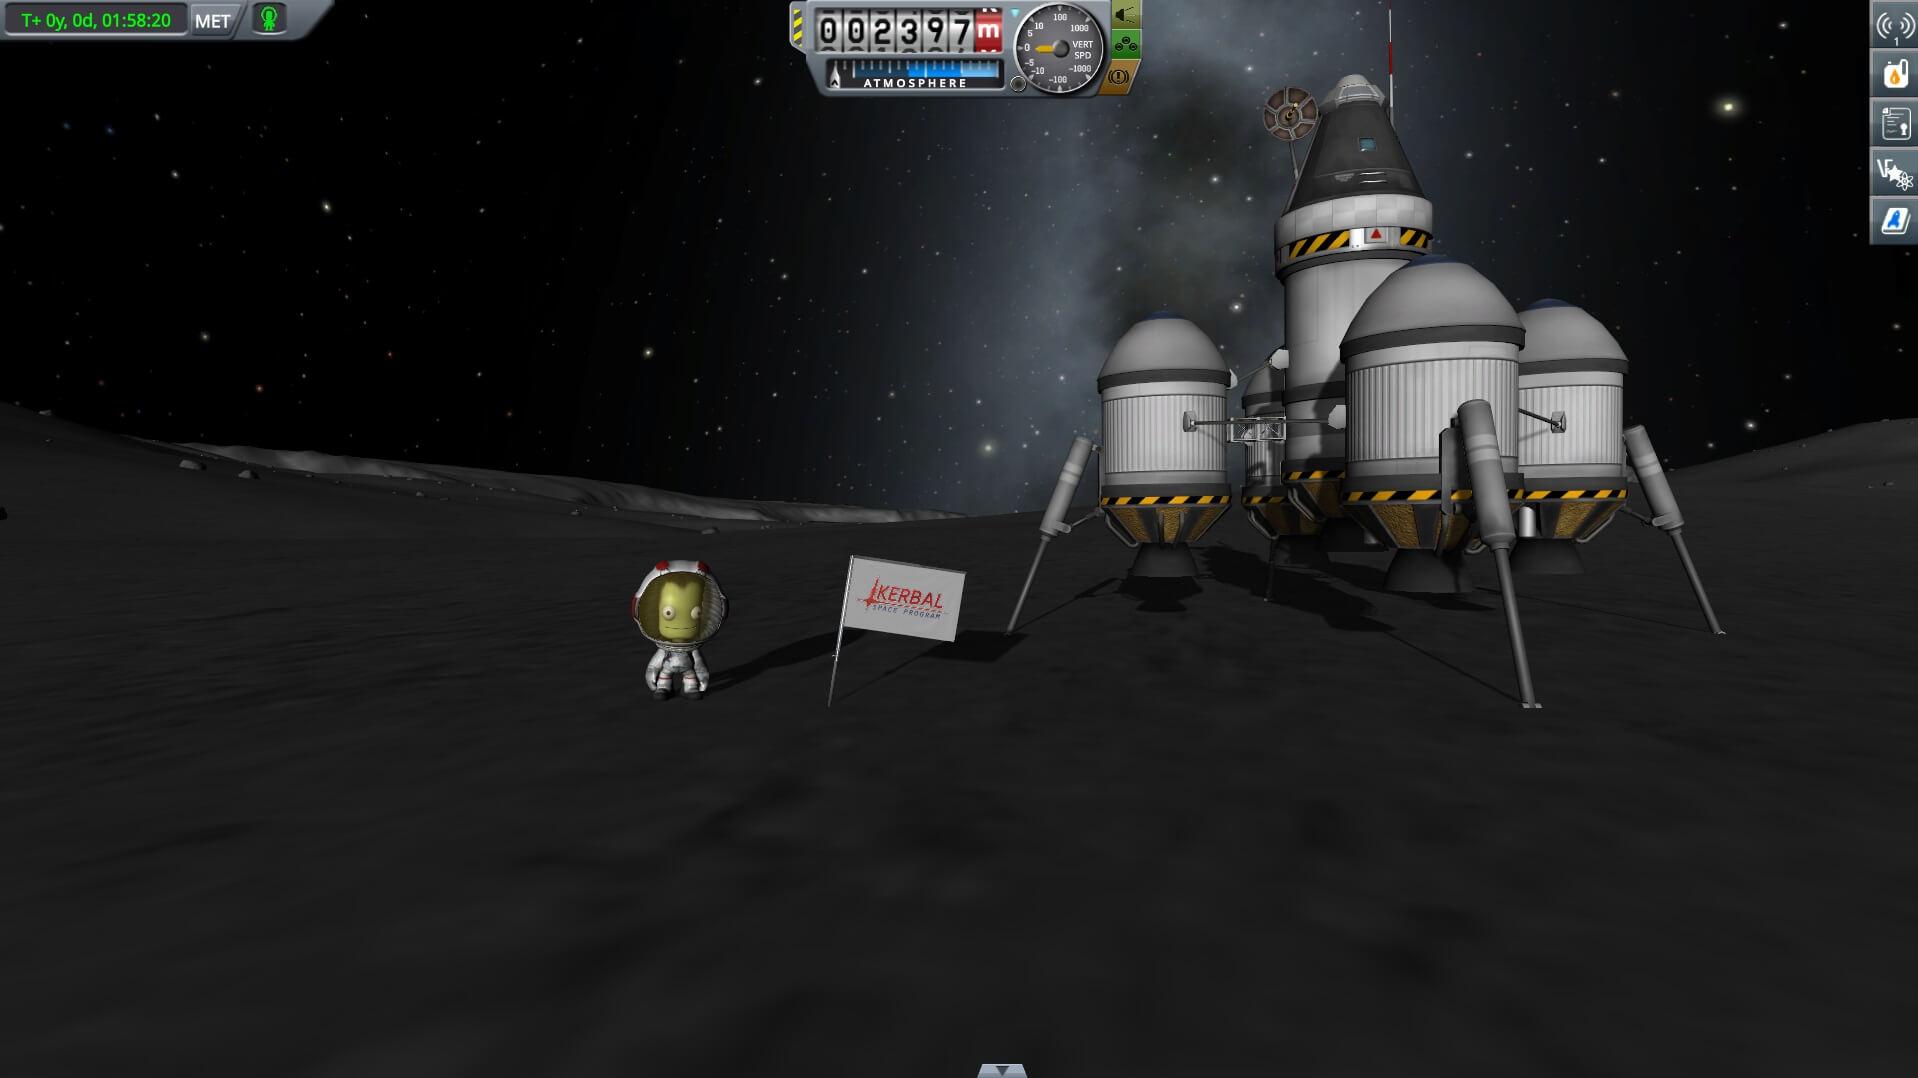 Kerbal space program uzay oyunları